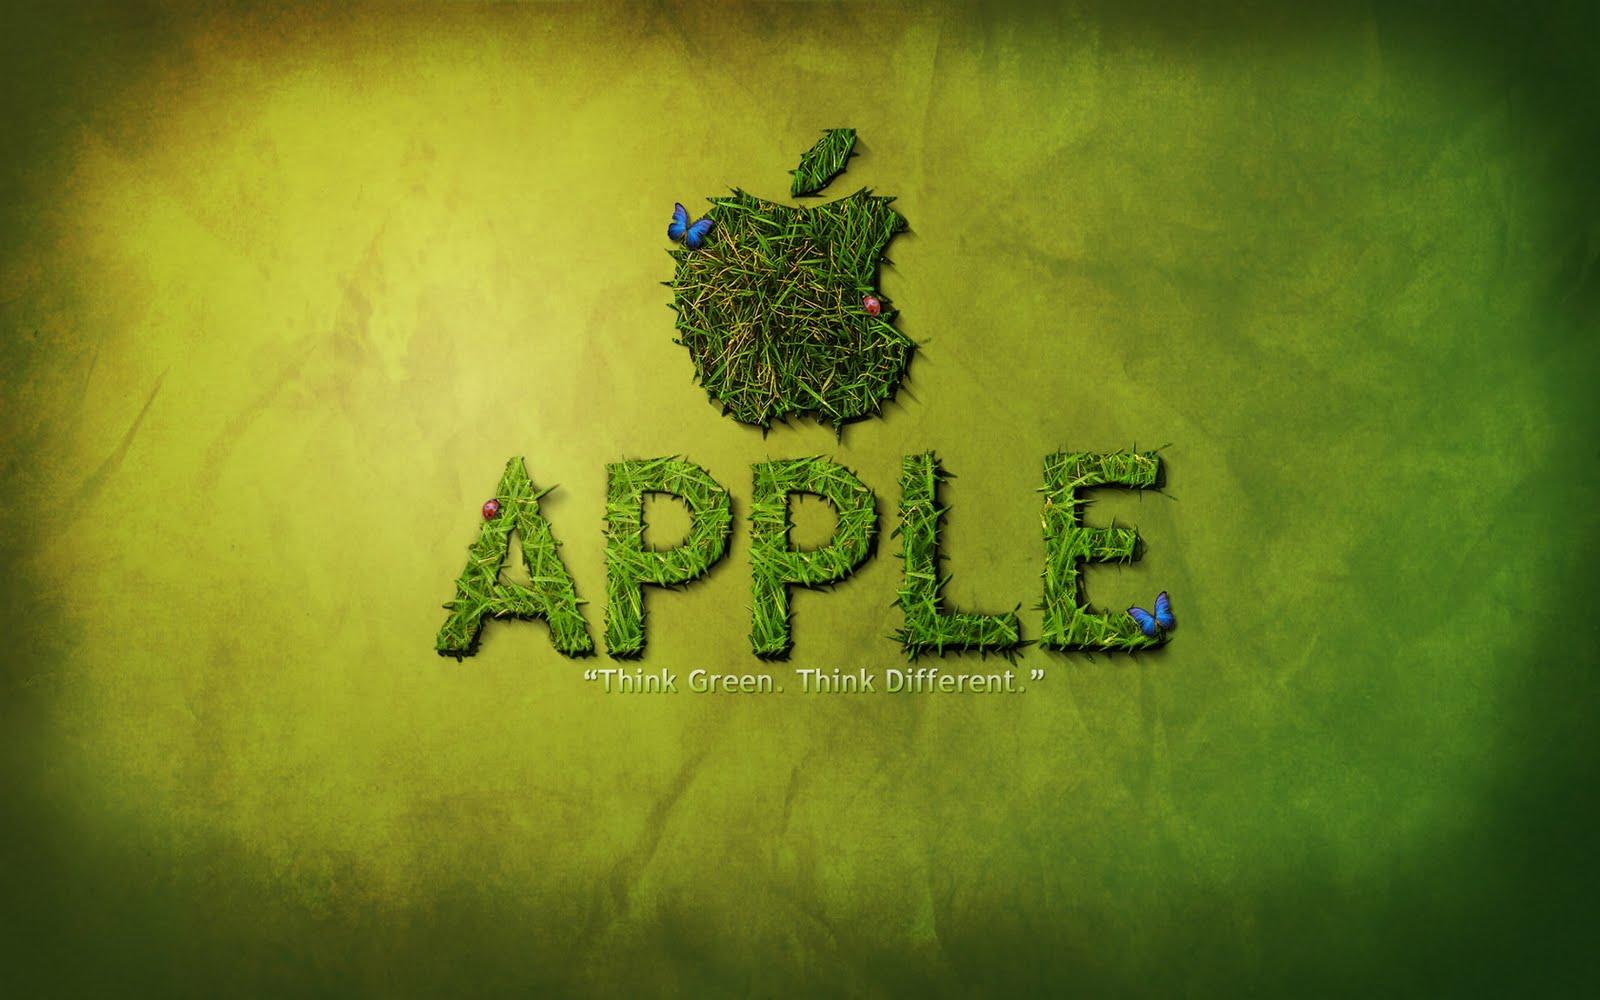 New Apple Wallpaper HD 1600x1000